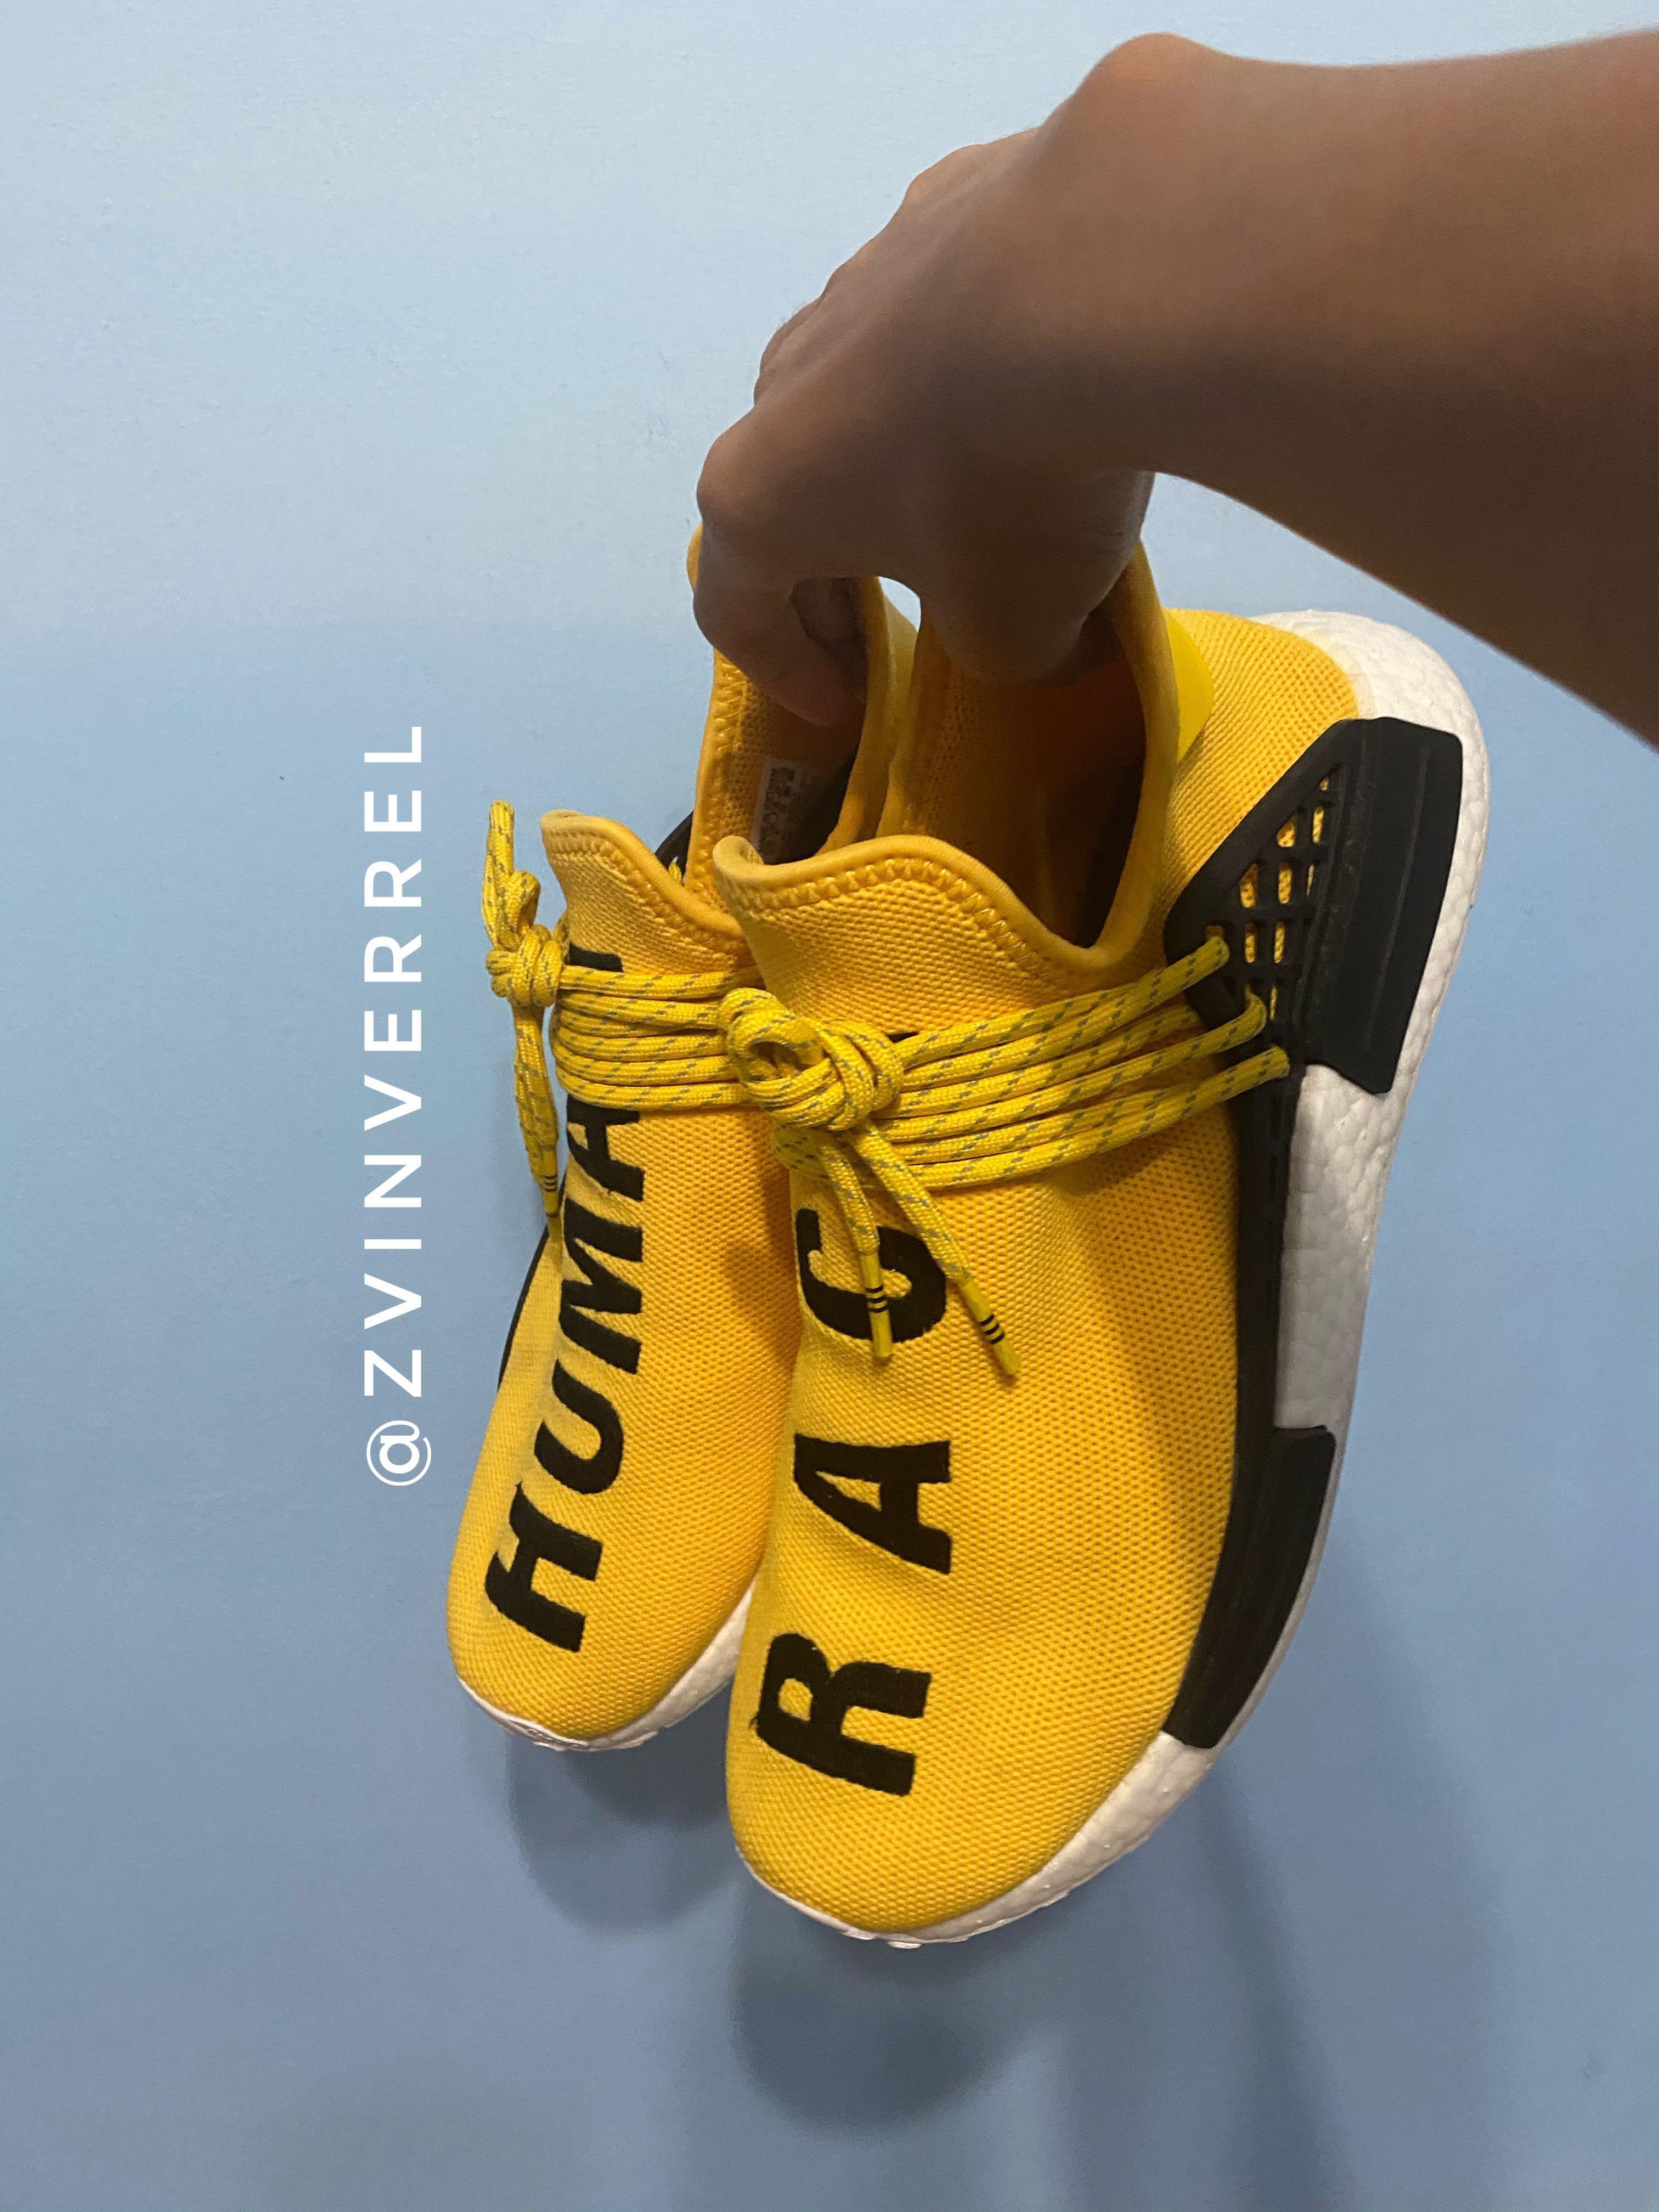 🔥 UA Pharell x NMD Human Race 'Yellow